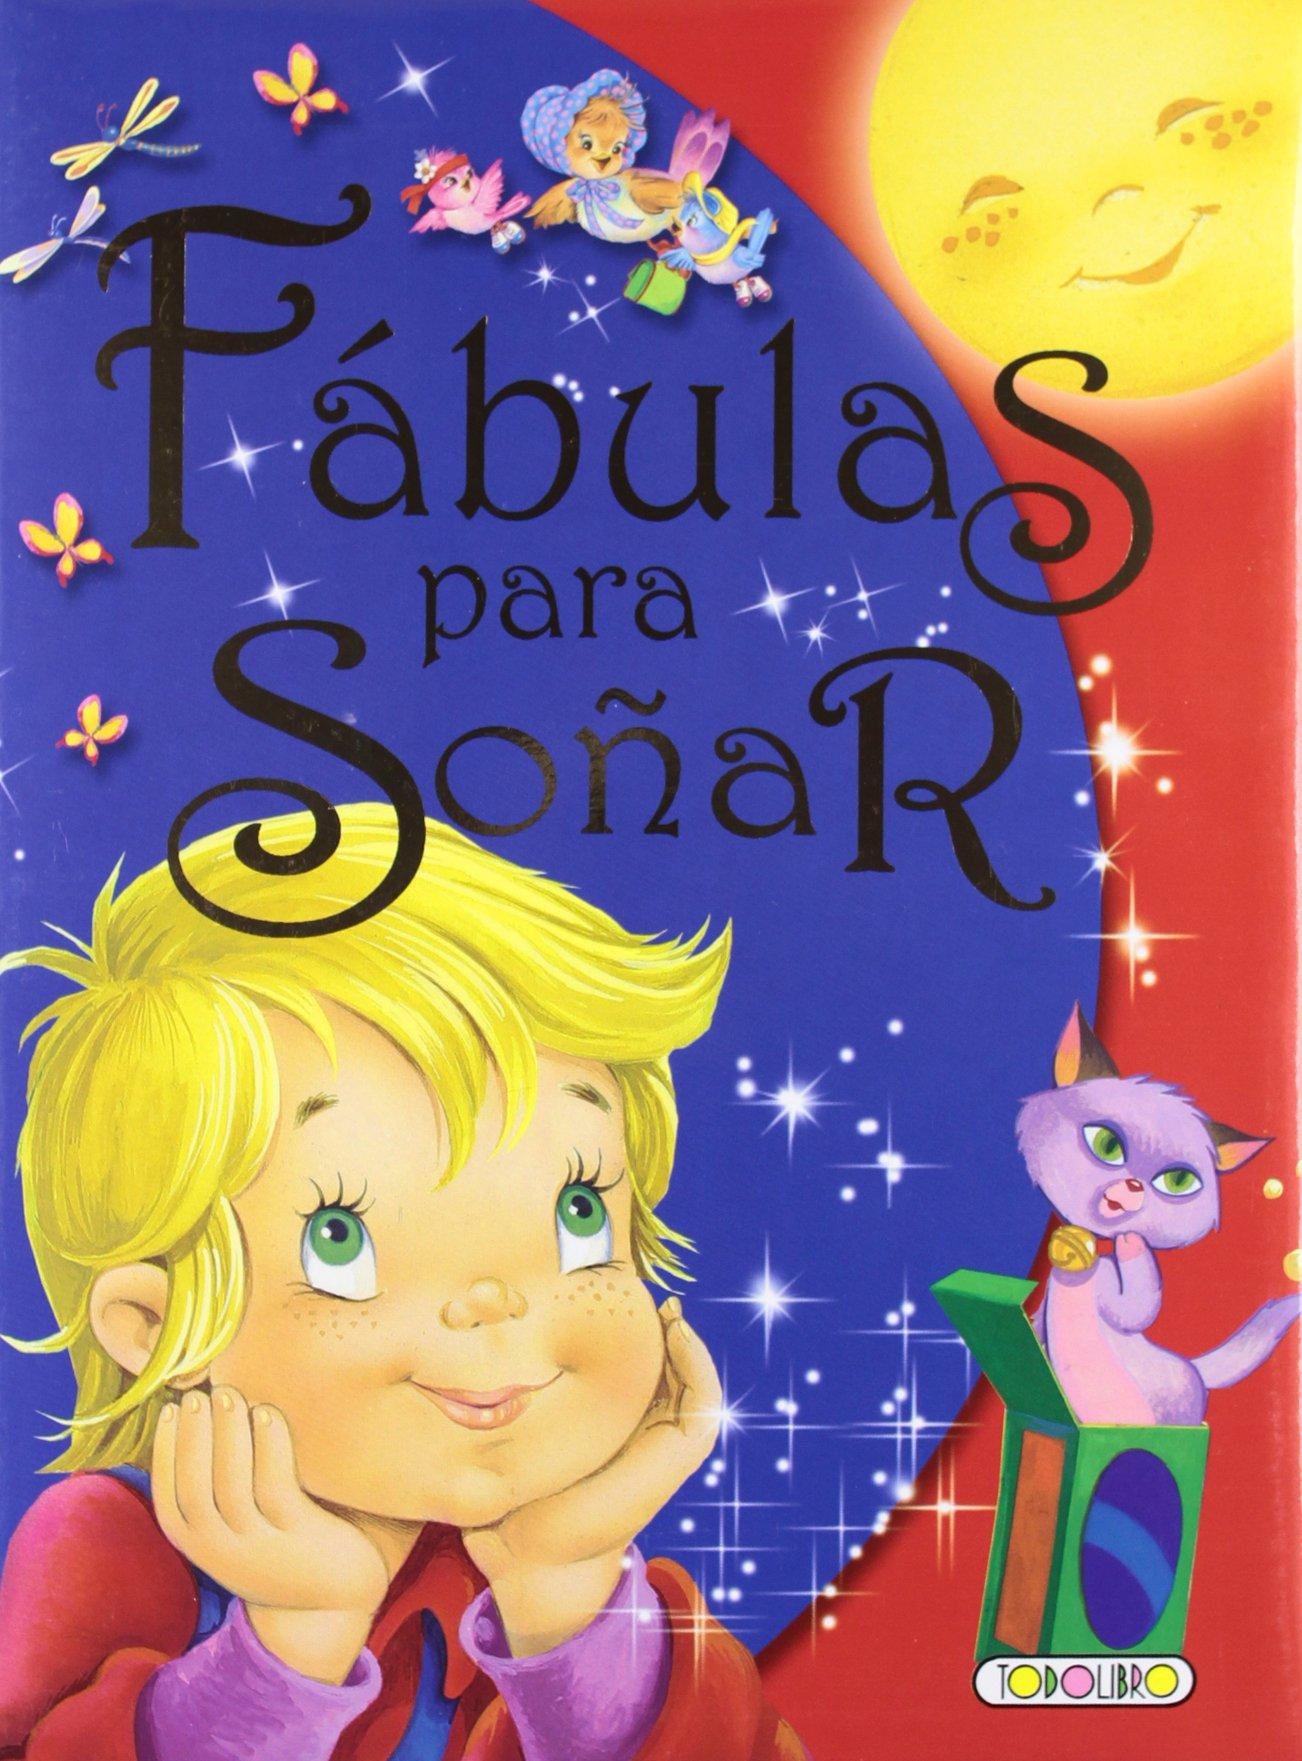 Fábulas para soñar (Fábulas y cuentos): Amazon.es: Equipo Todolibro: Libros